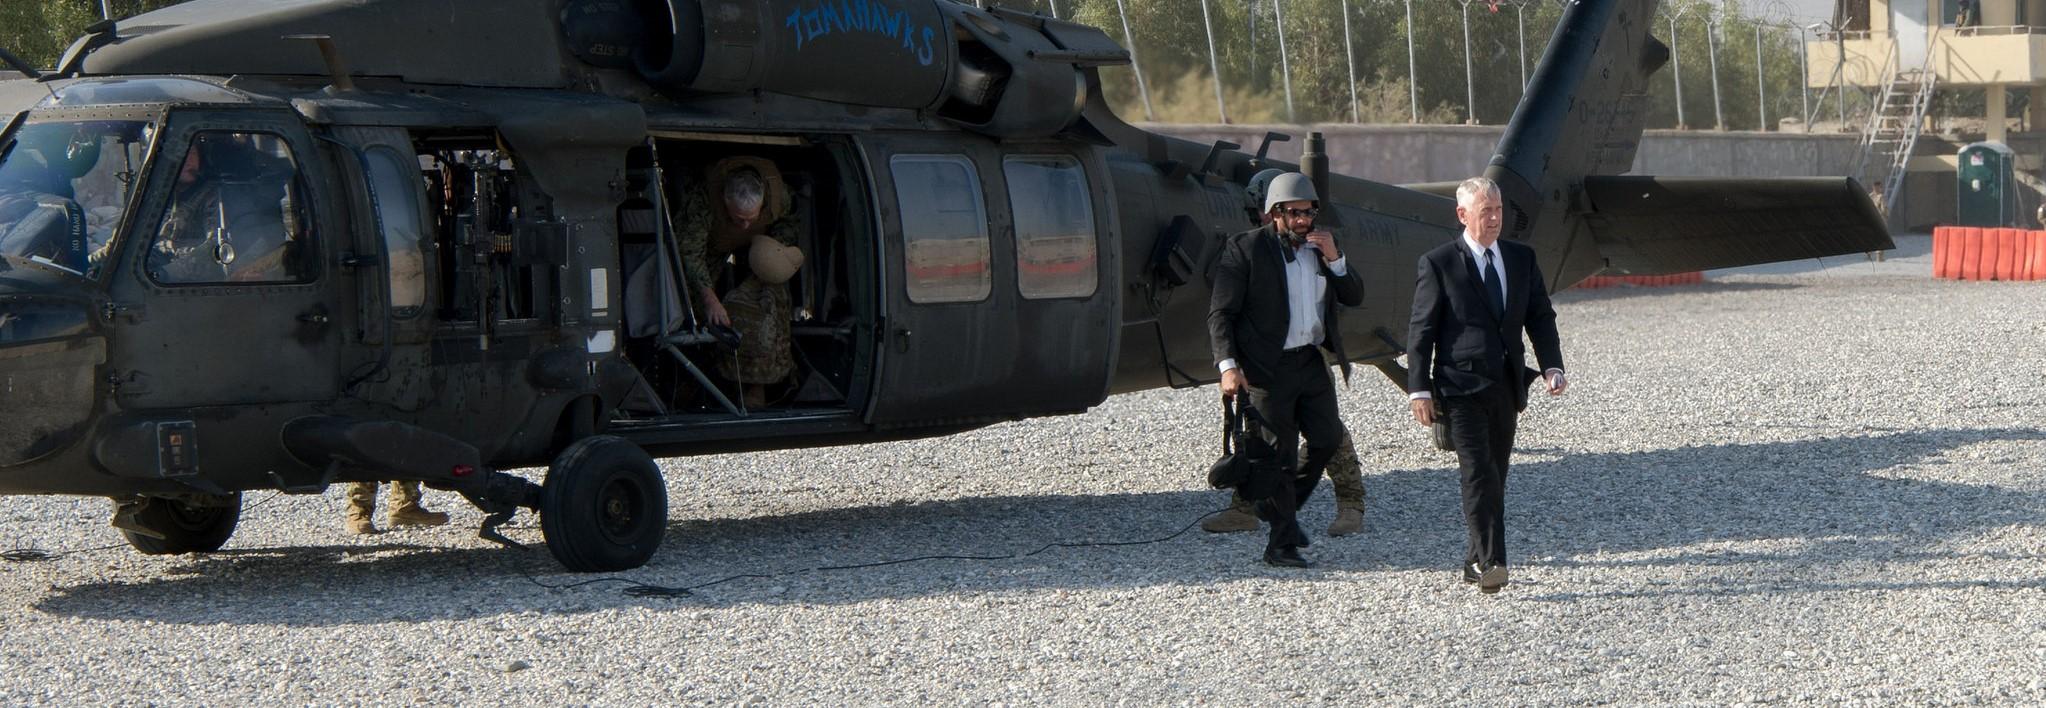 Secretary of Defense Jim Mattis in Afghanistan, September 2017 (Photo: Jim Mattis/Flickr)